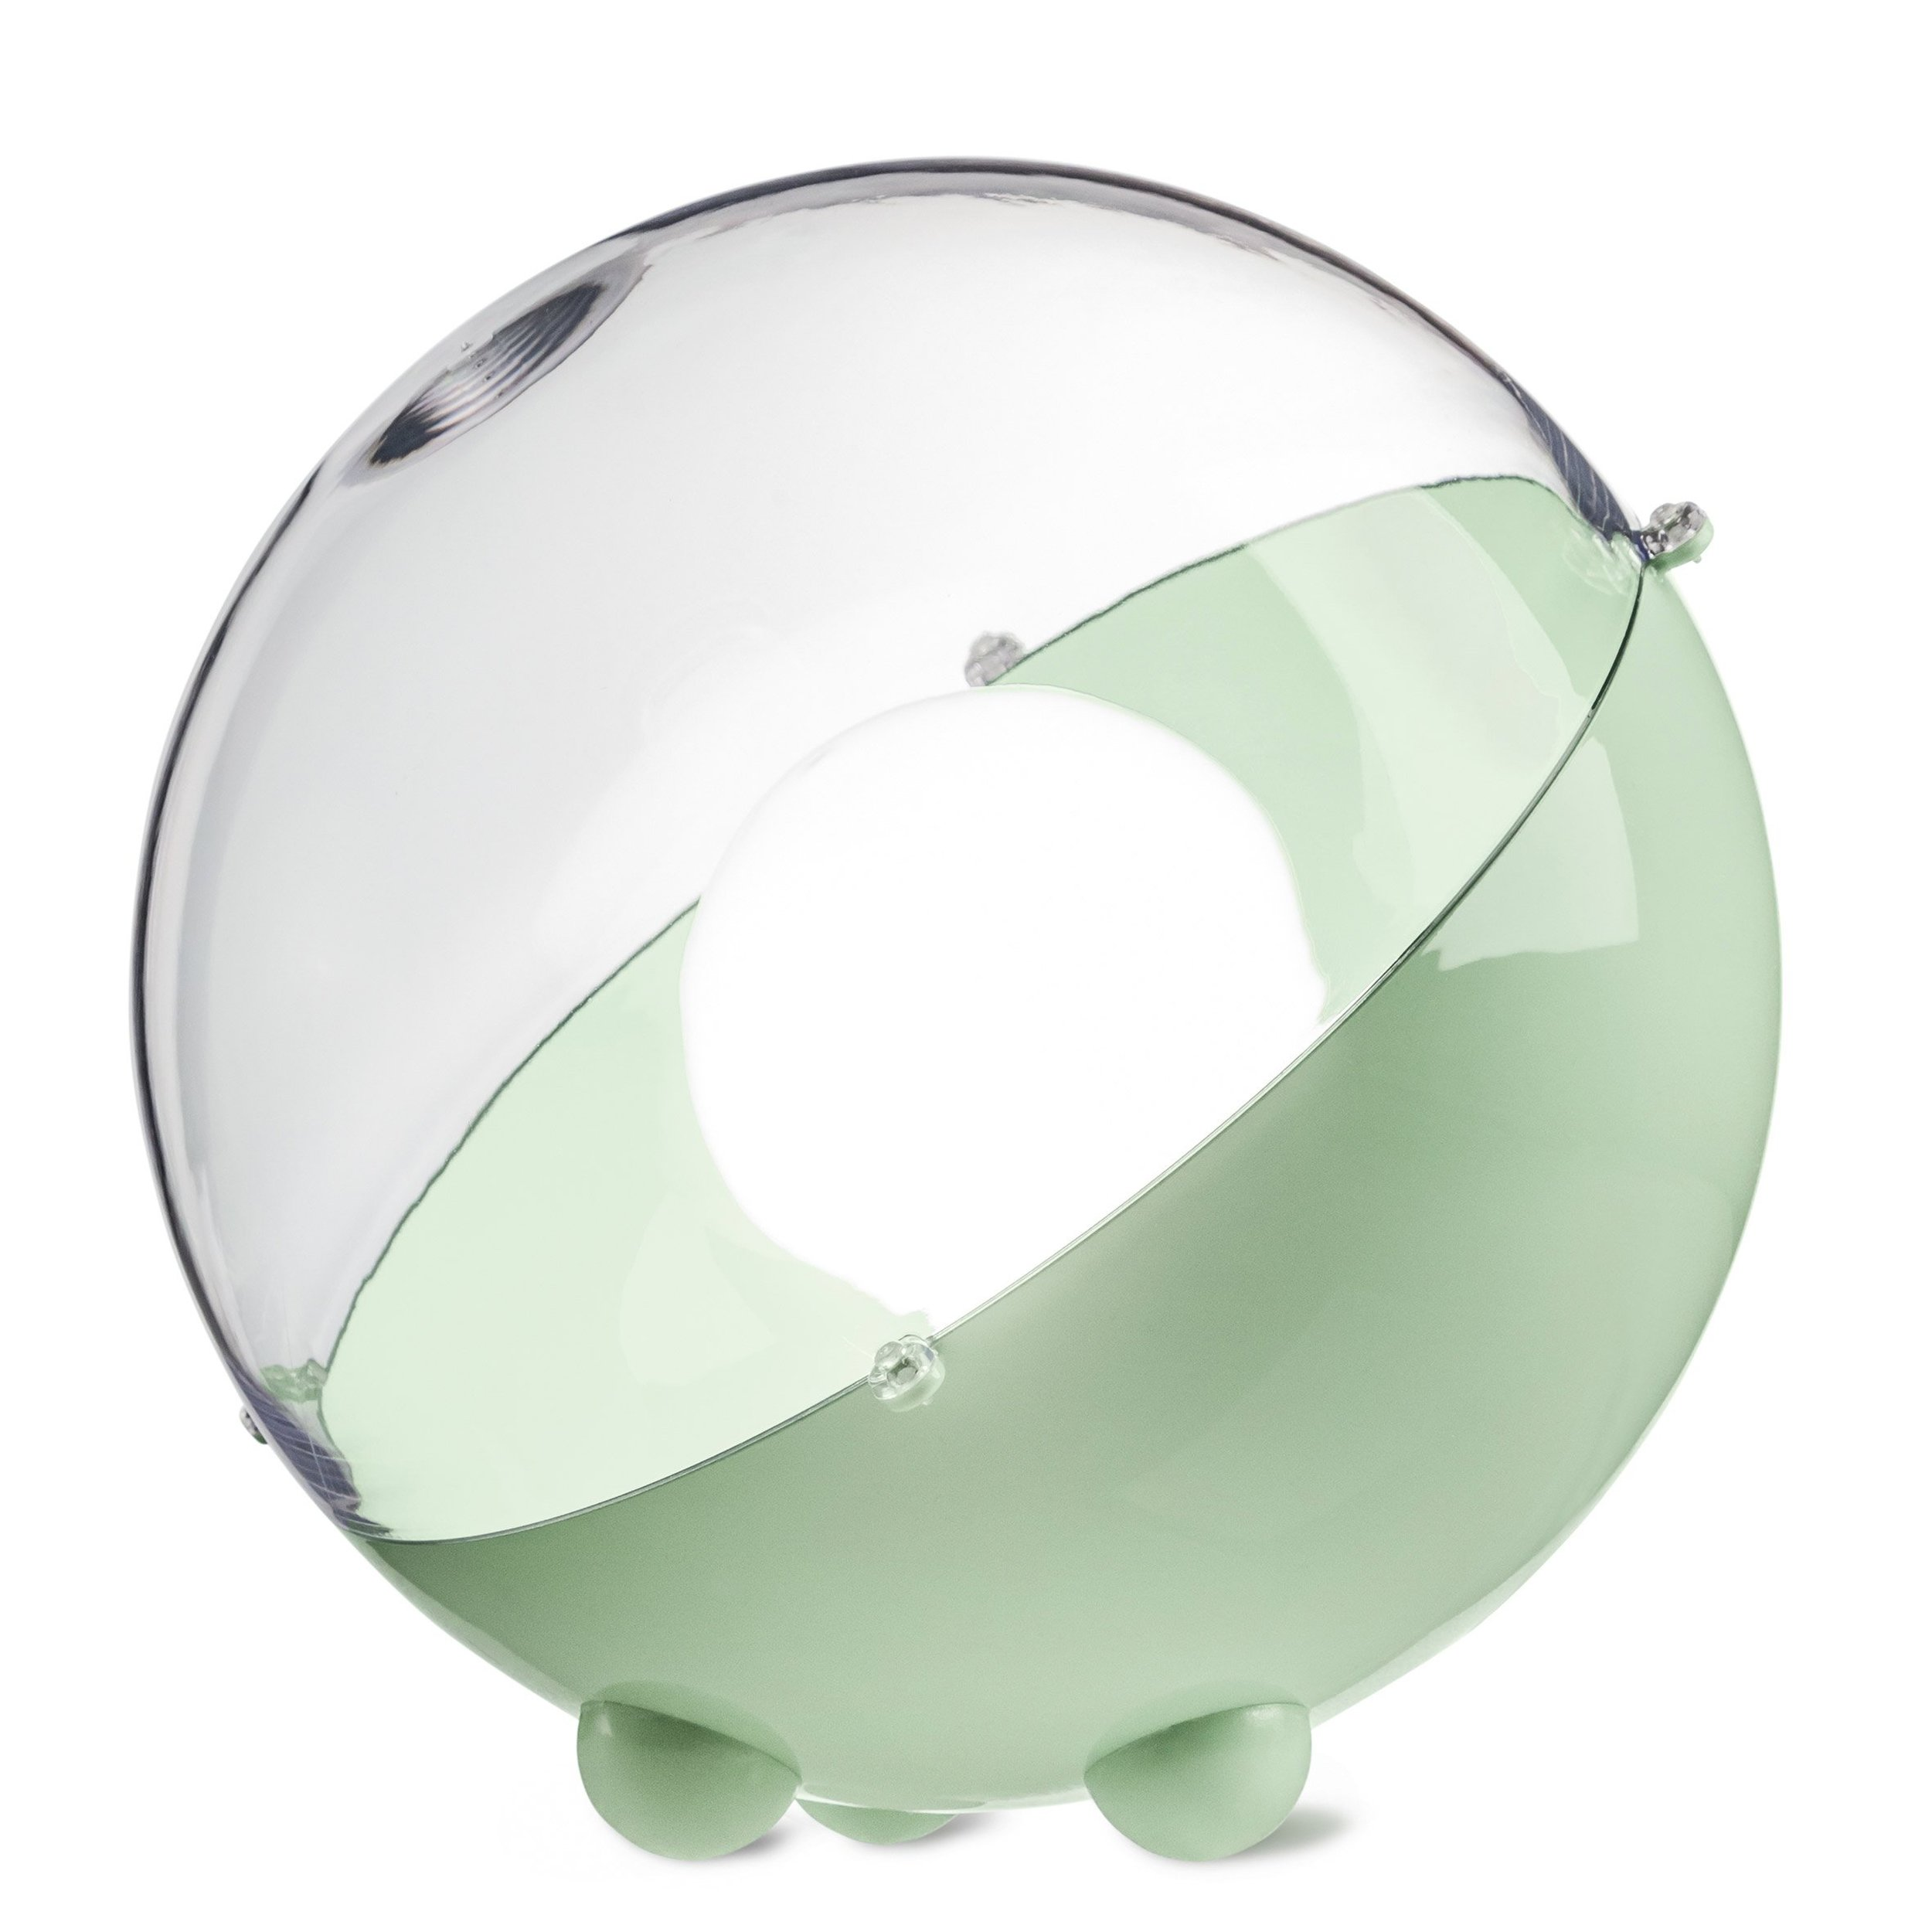 Lampa podłogowa Orion miętowa z transparentną pokrywą